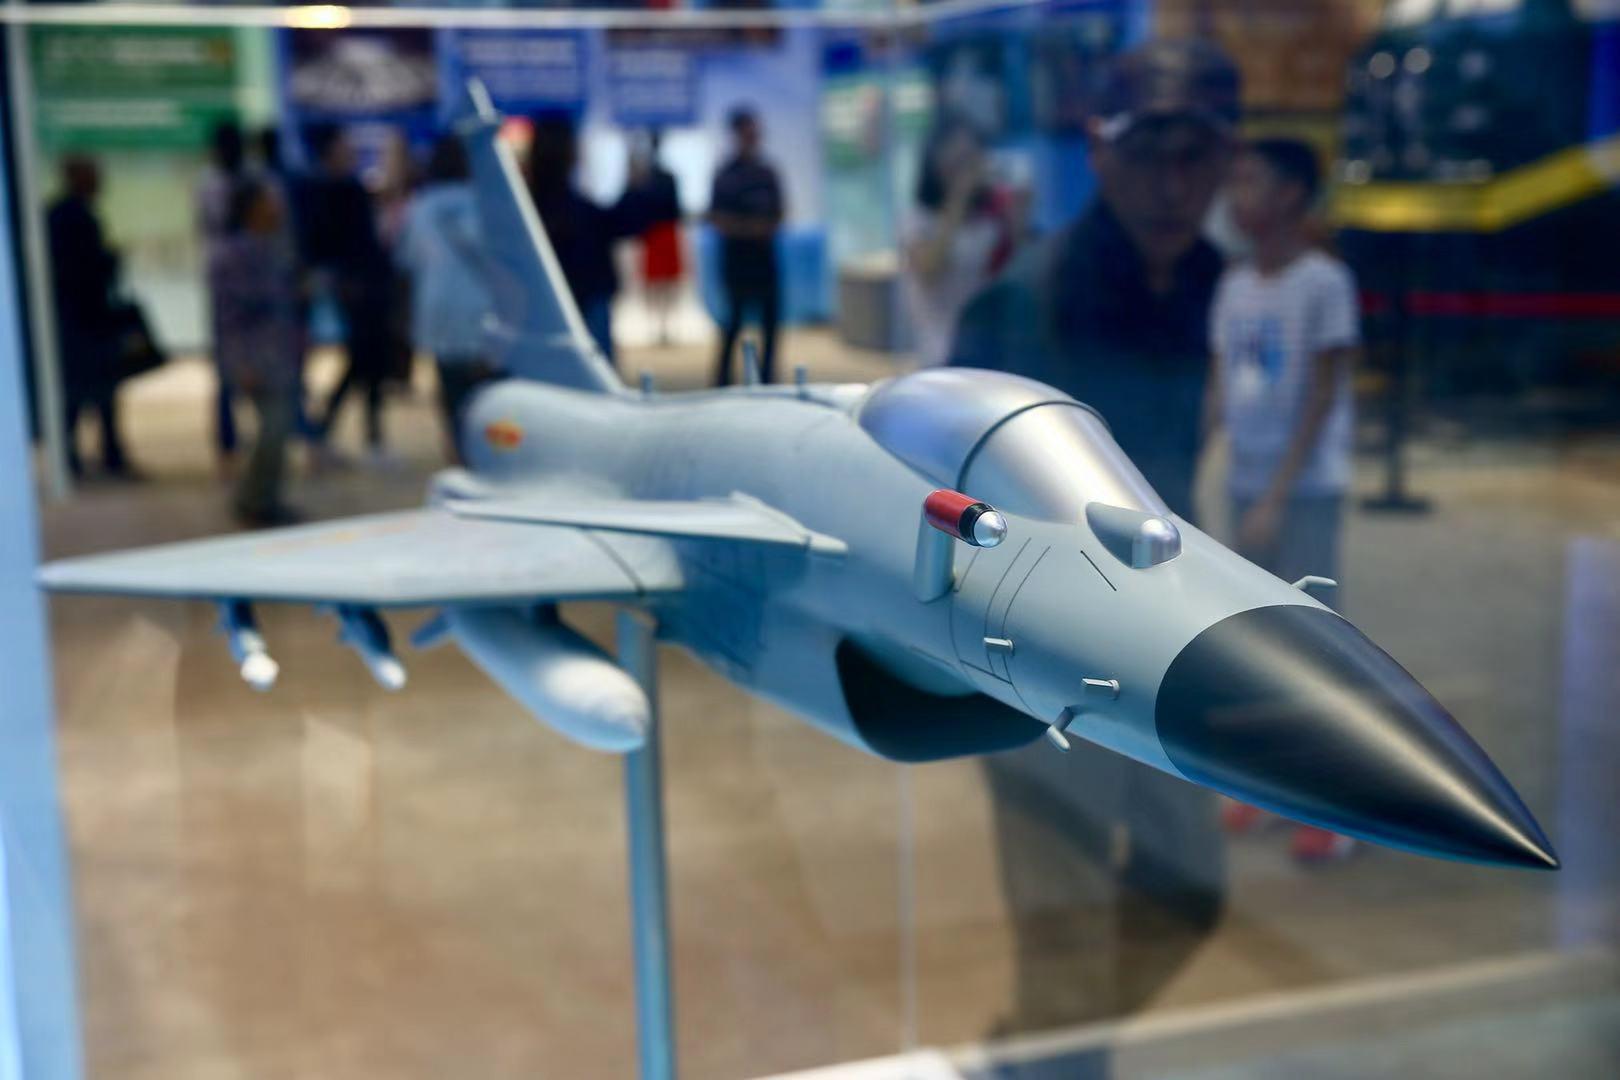 觀眾在參觀殲-10飛機模型。.jpg